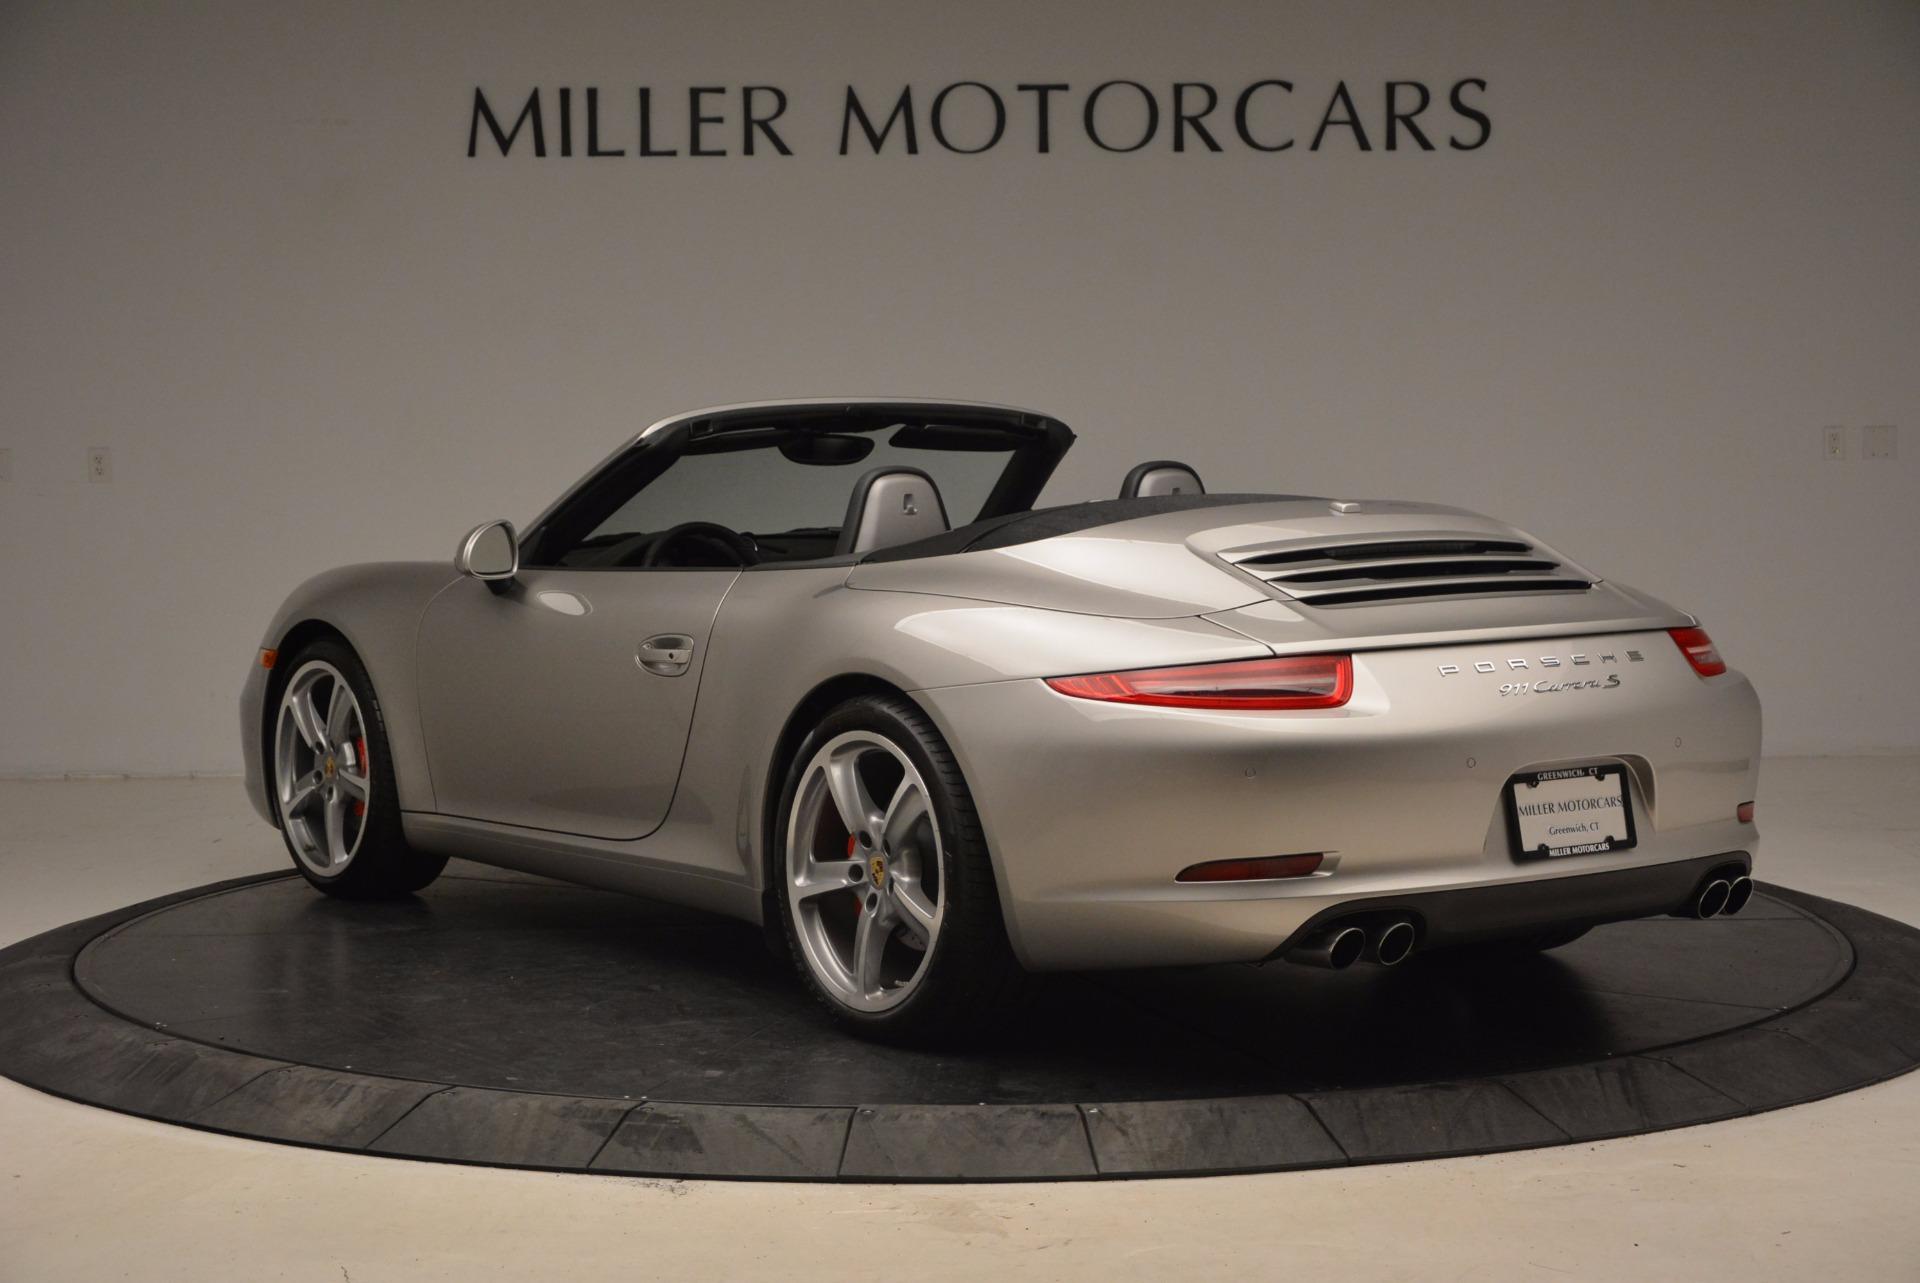 Used 2012 Porsche 911 Carrera S For Sale In Greenwich, CT 1790_p44